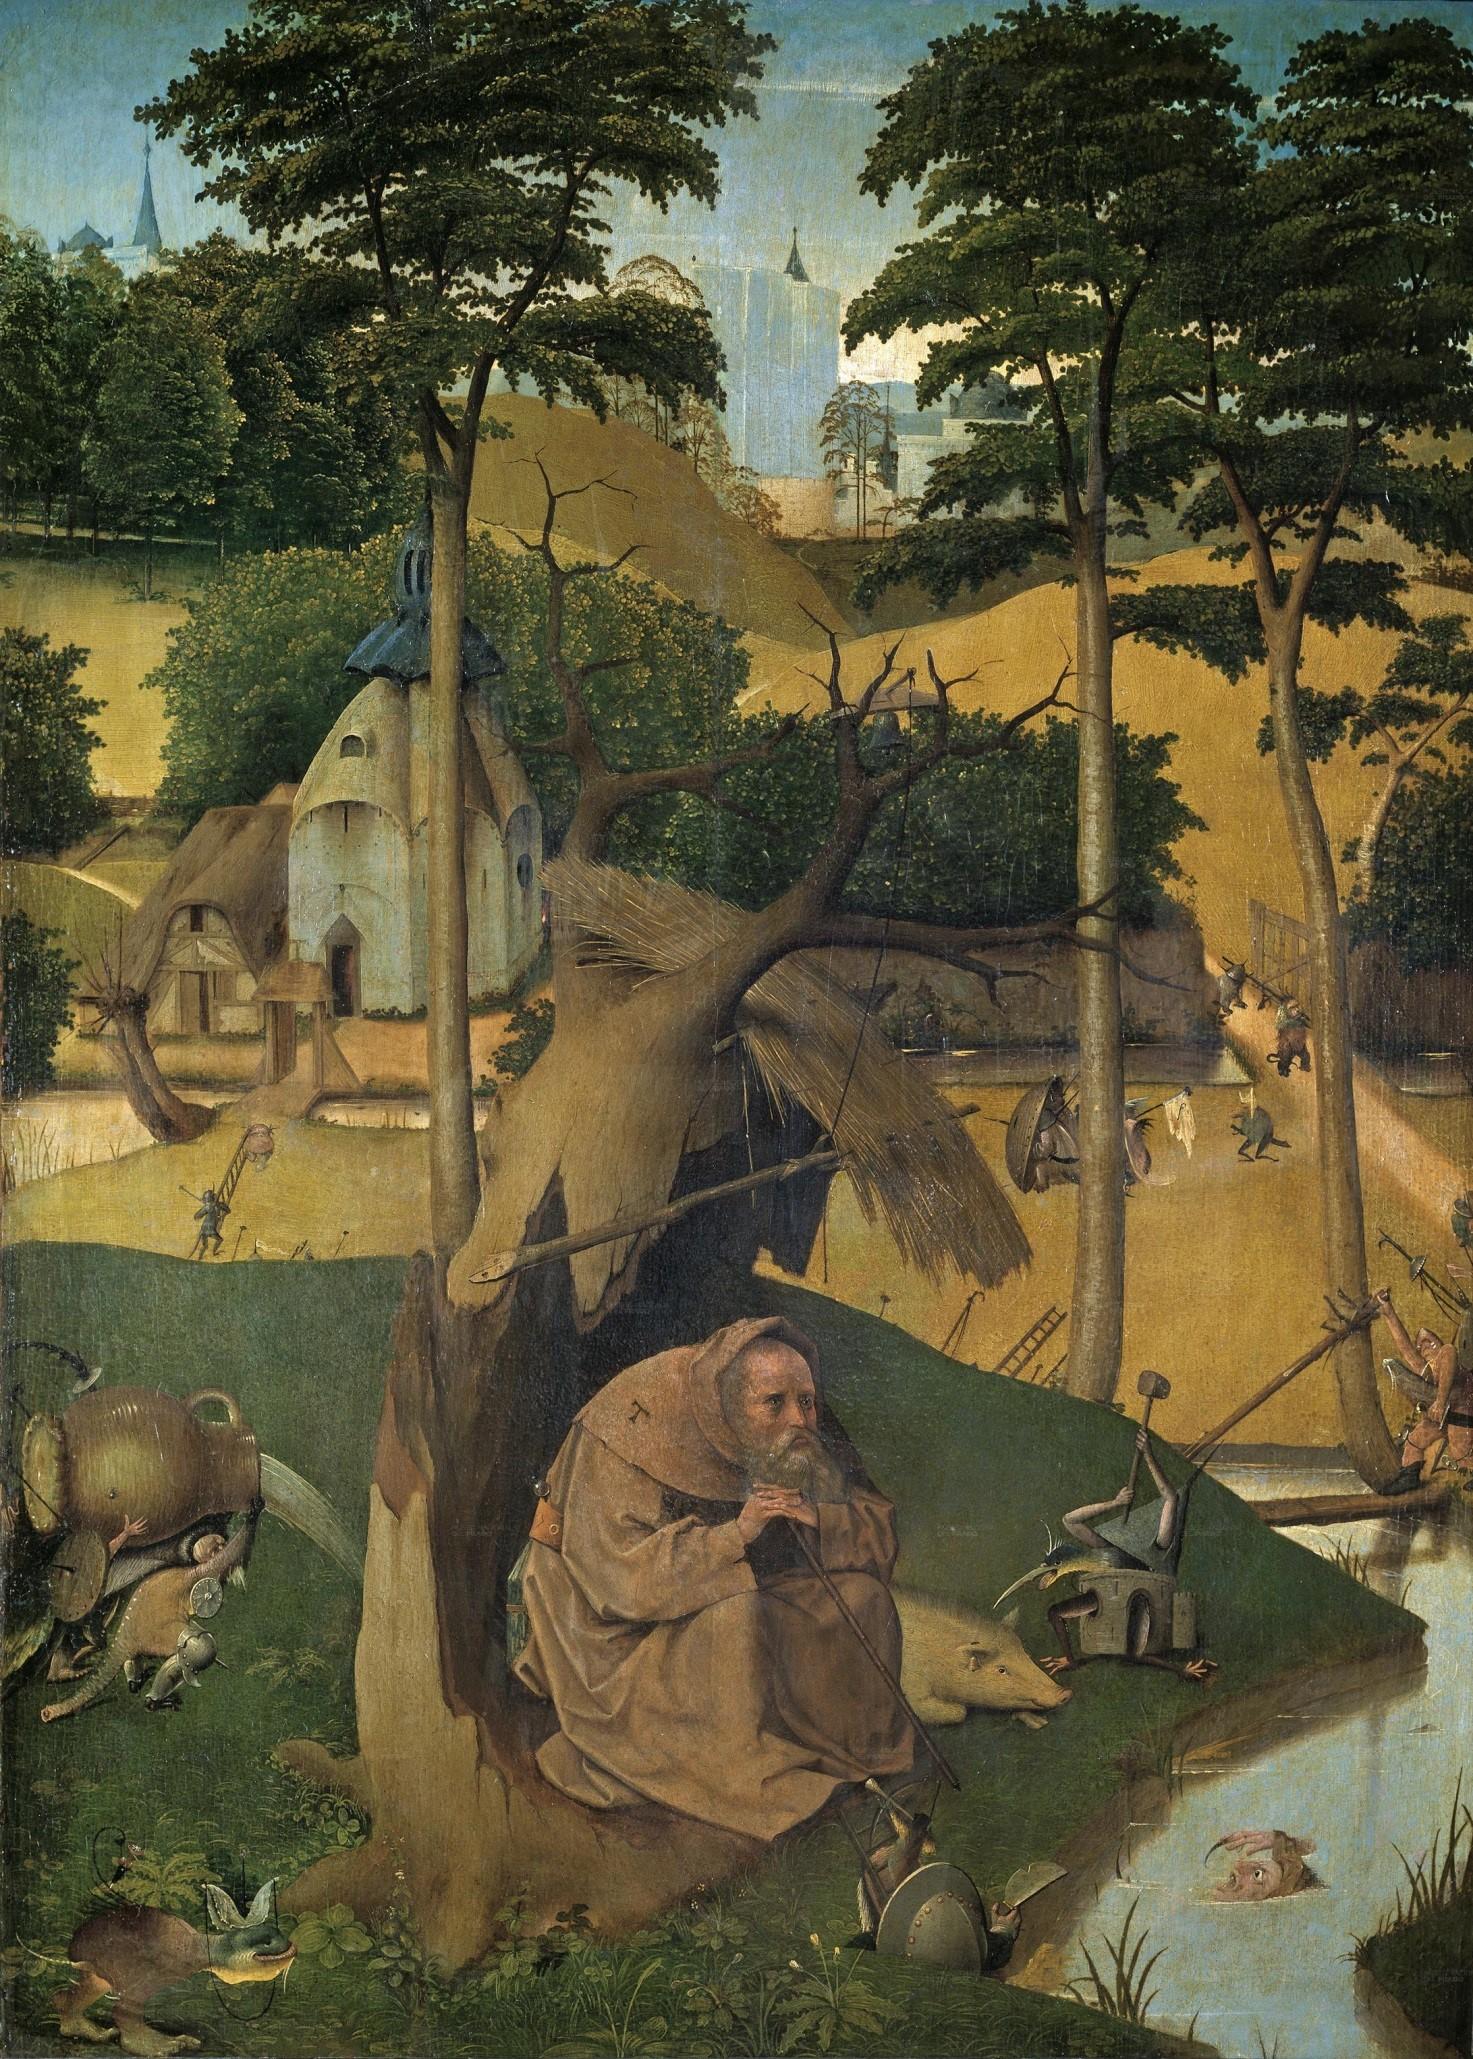 Kunst: Mit Hieronymus Bosch durchs Jahr 2016. Diesmal: Der hl ...